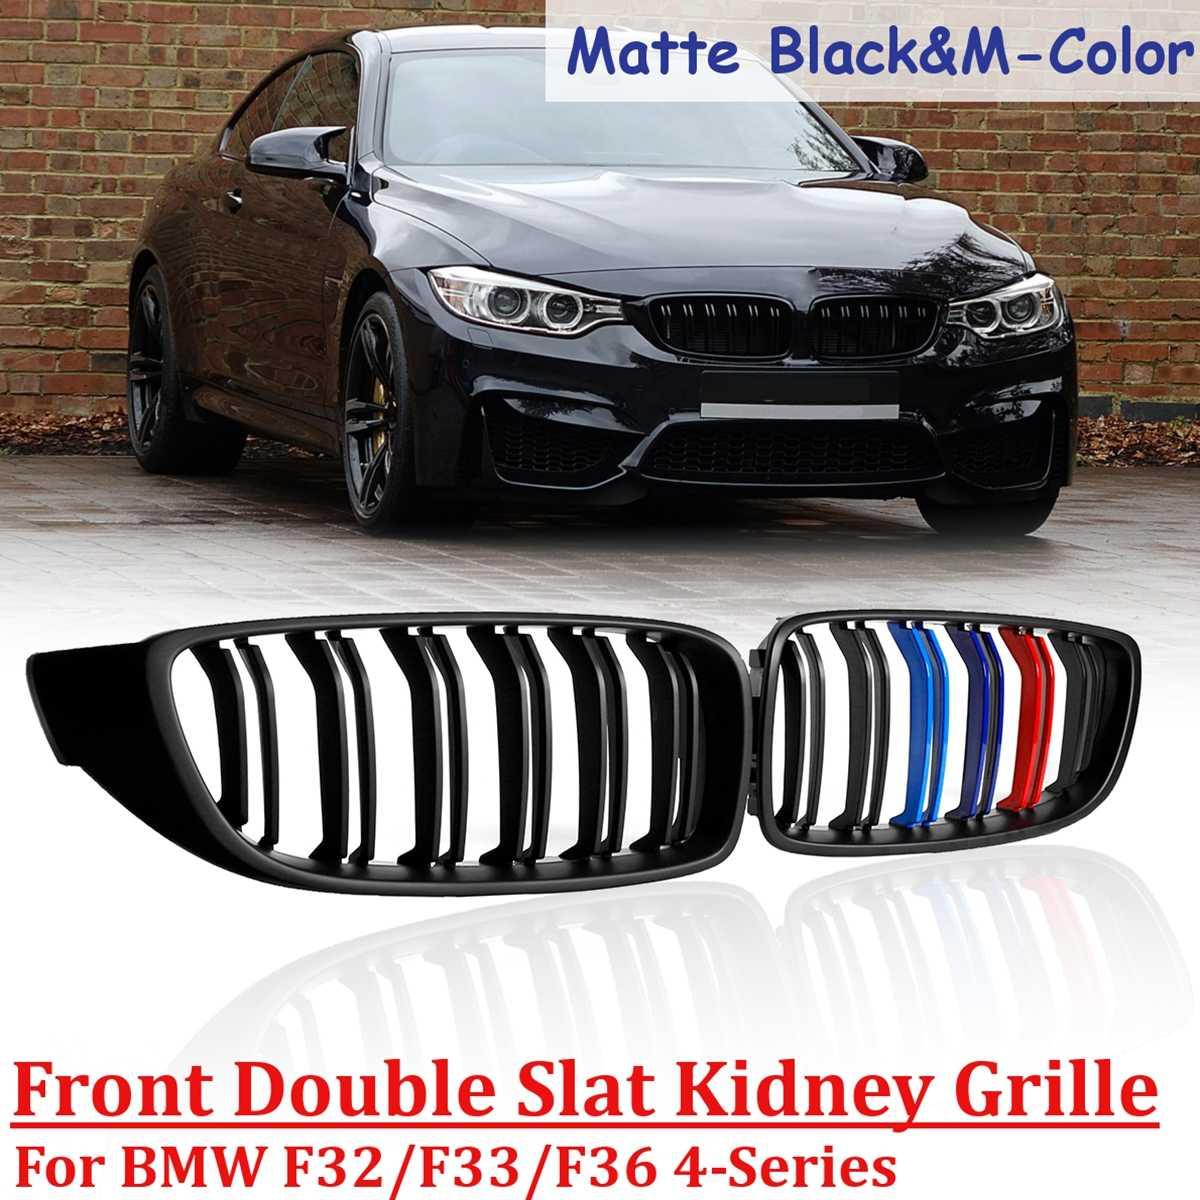 1 Pair Nero Lucido-M colore Matte Black Front Rene Griglia Doppia Stecca M4 di Sport di Stile di Griglia per BMW f82 F80 F32 F36 2013-2016